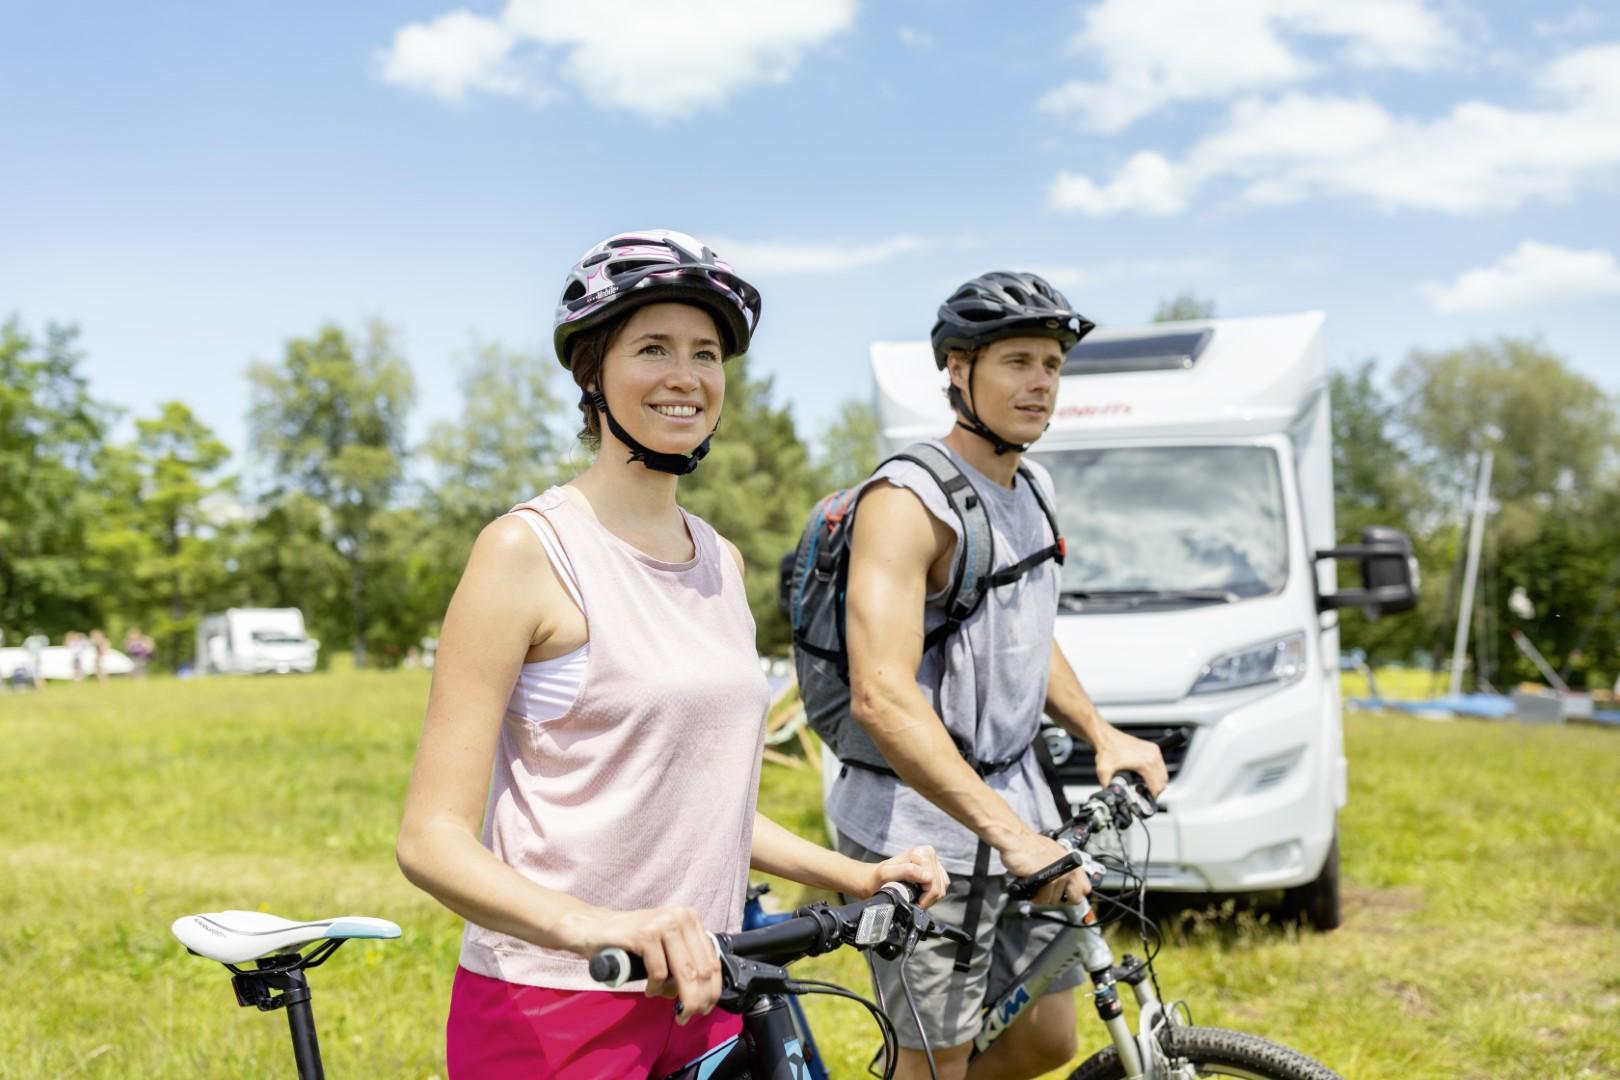 Fahrradtour beim Camping perfekt gegen den Coronablues